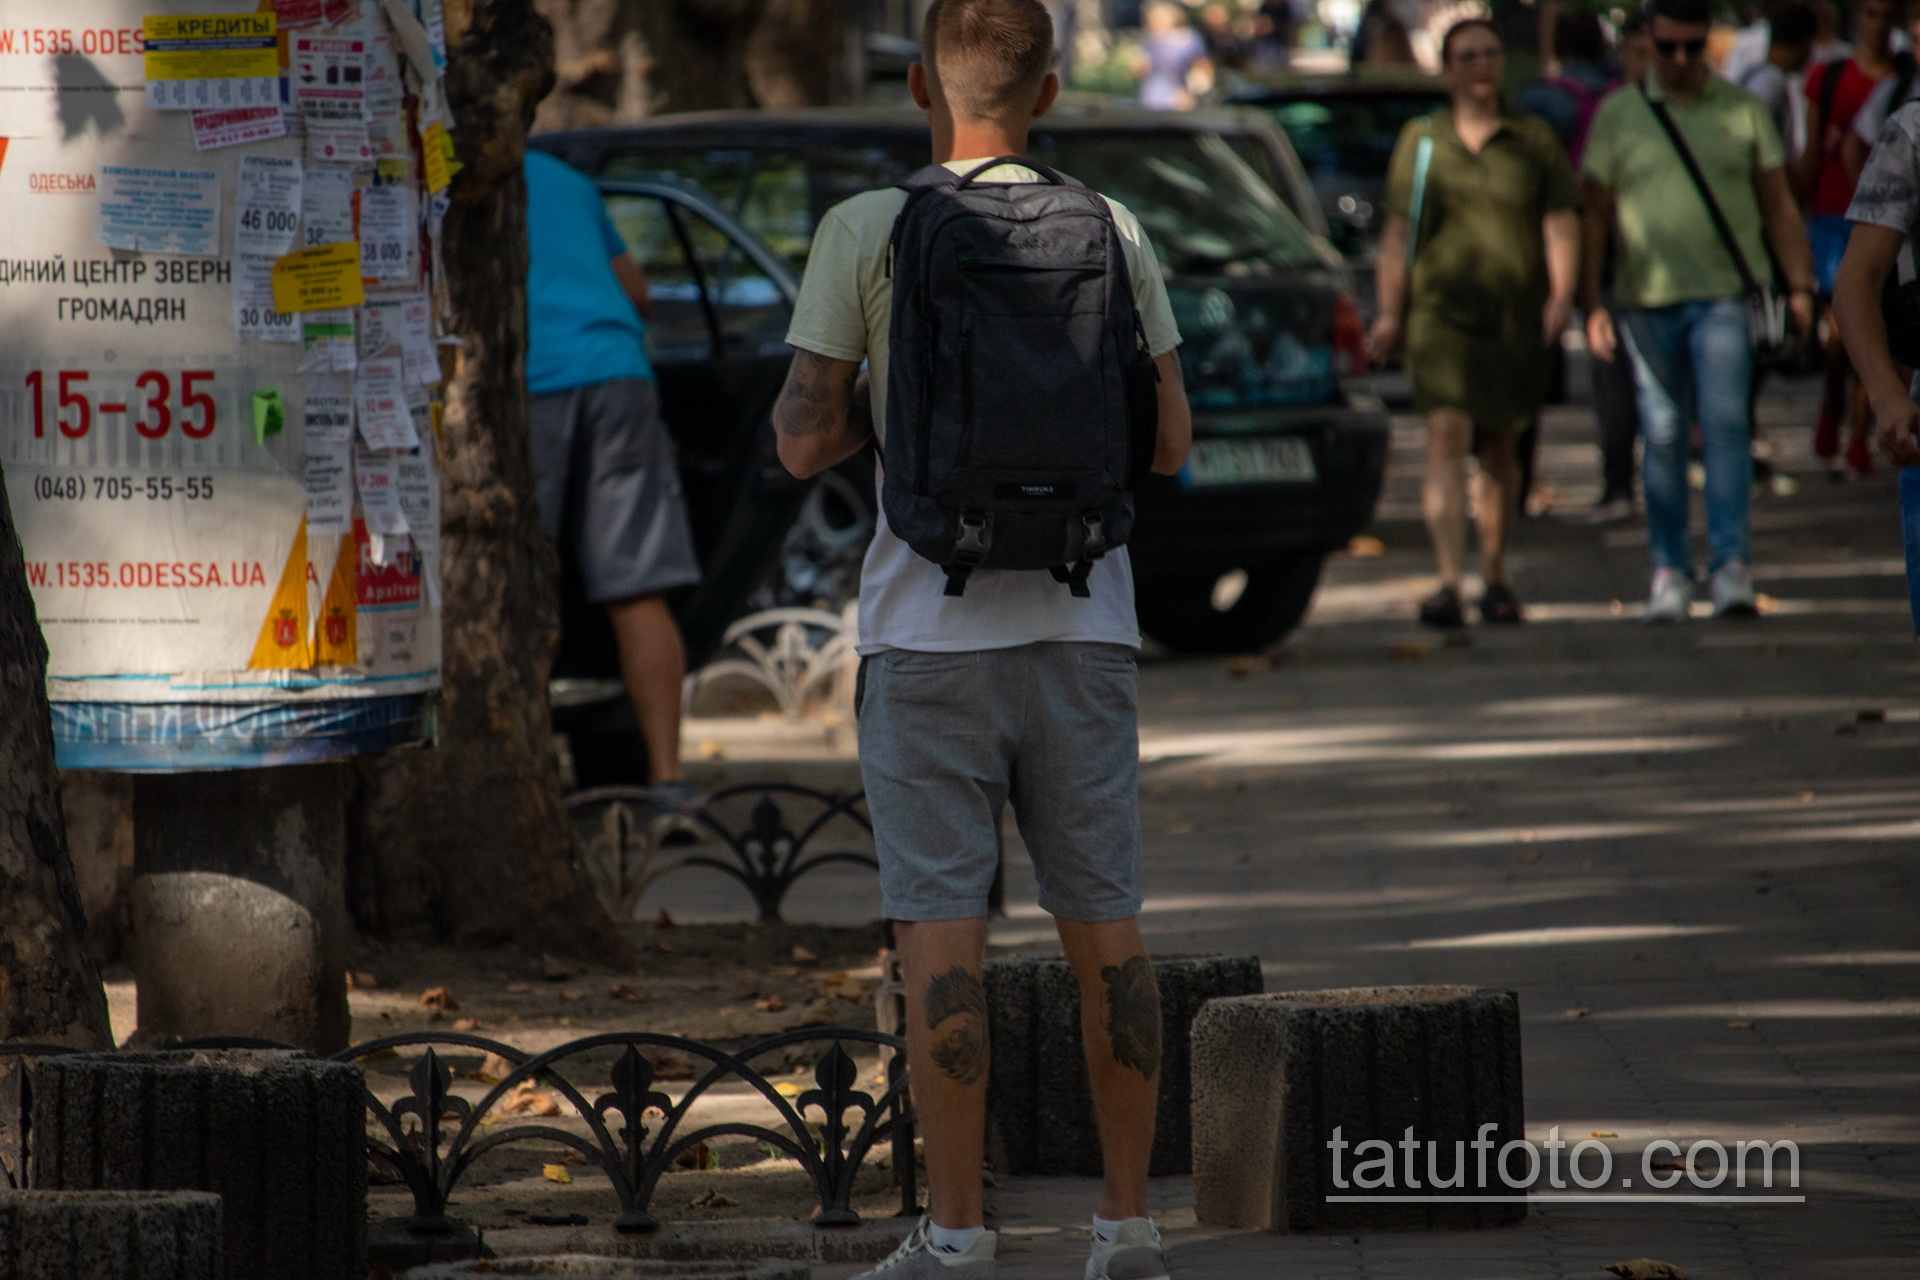 Молодой парень с тату на руках и ногах - Уличная татуировка 14.09.2020 – tatufoto.com 3